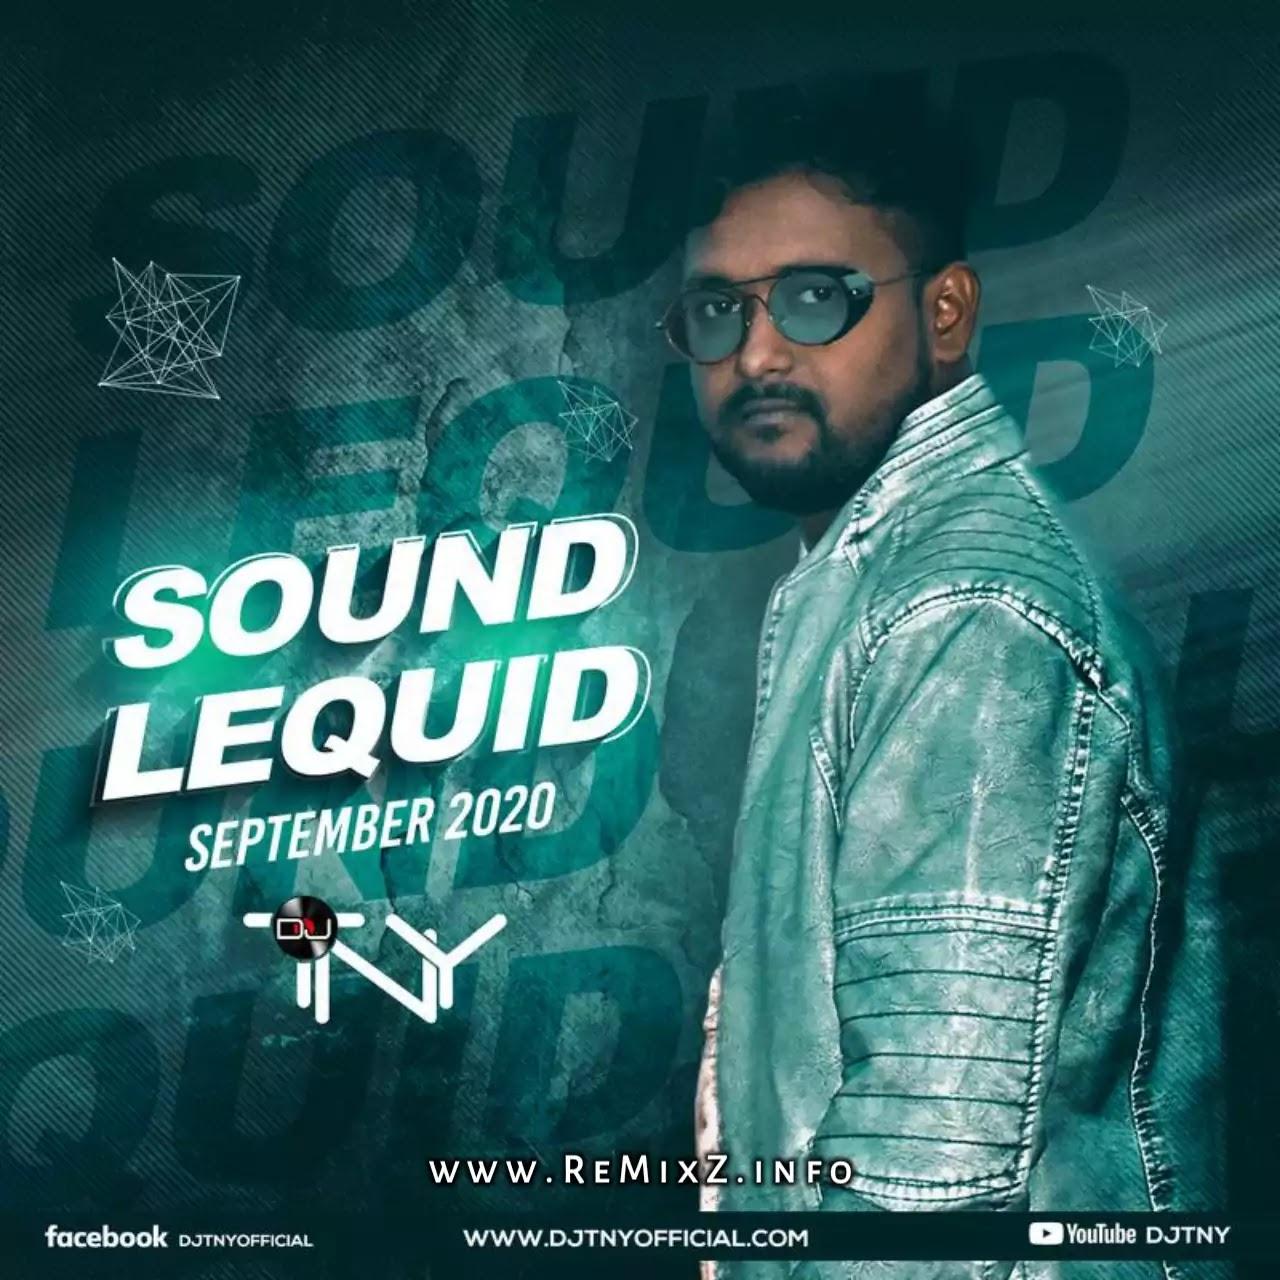 sound-lequid-september-2k20-dj-tny.jpg